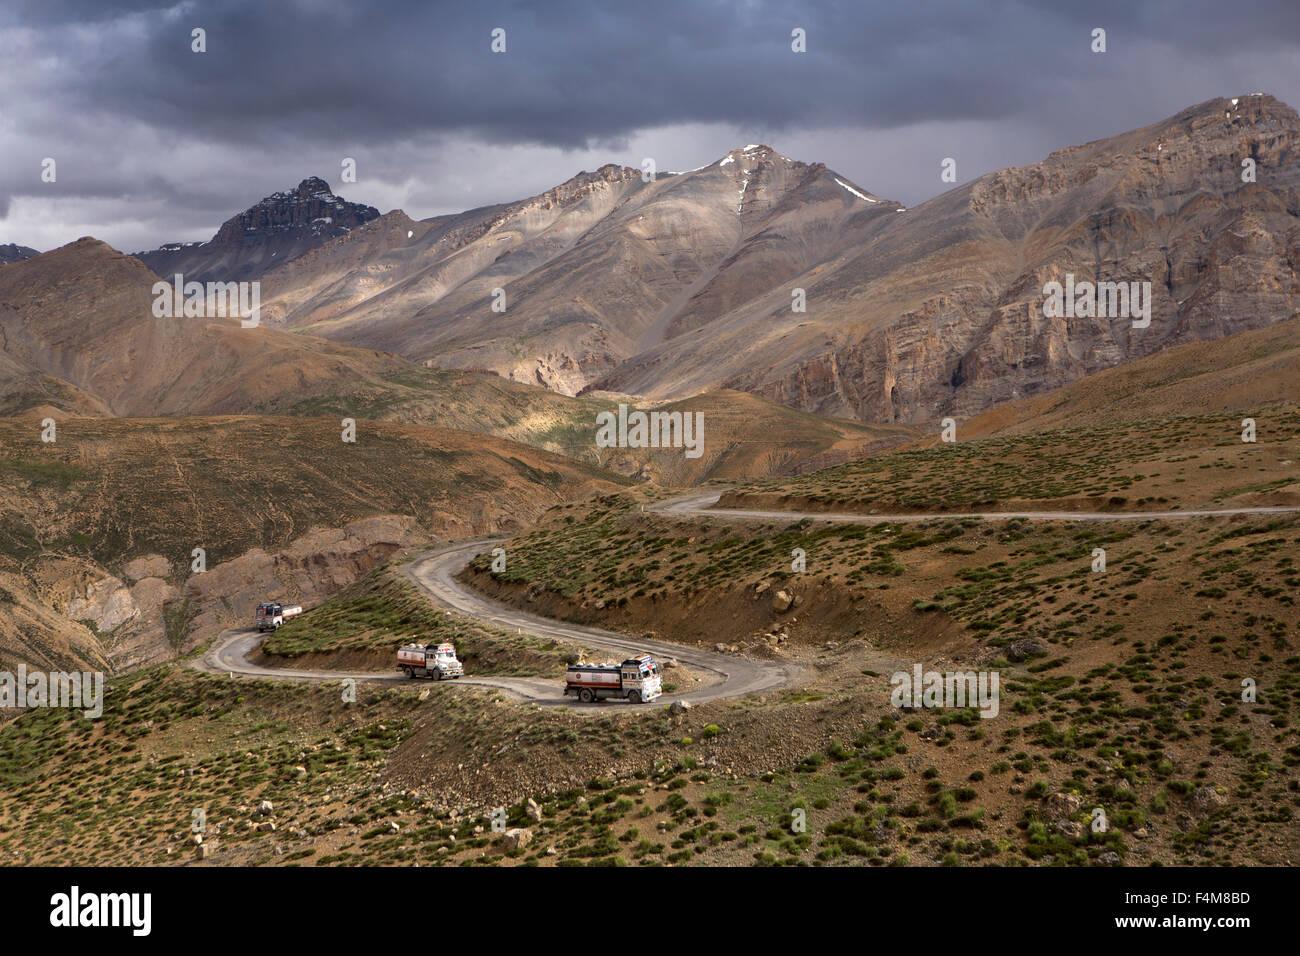 L'Inde, le Jammu-et-Cachemire, Ladakh, Indian Oil tankers sur lacets jusqu'à la pass Nakeel sur Leh-Manali highway Banque D'Images